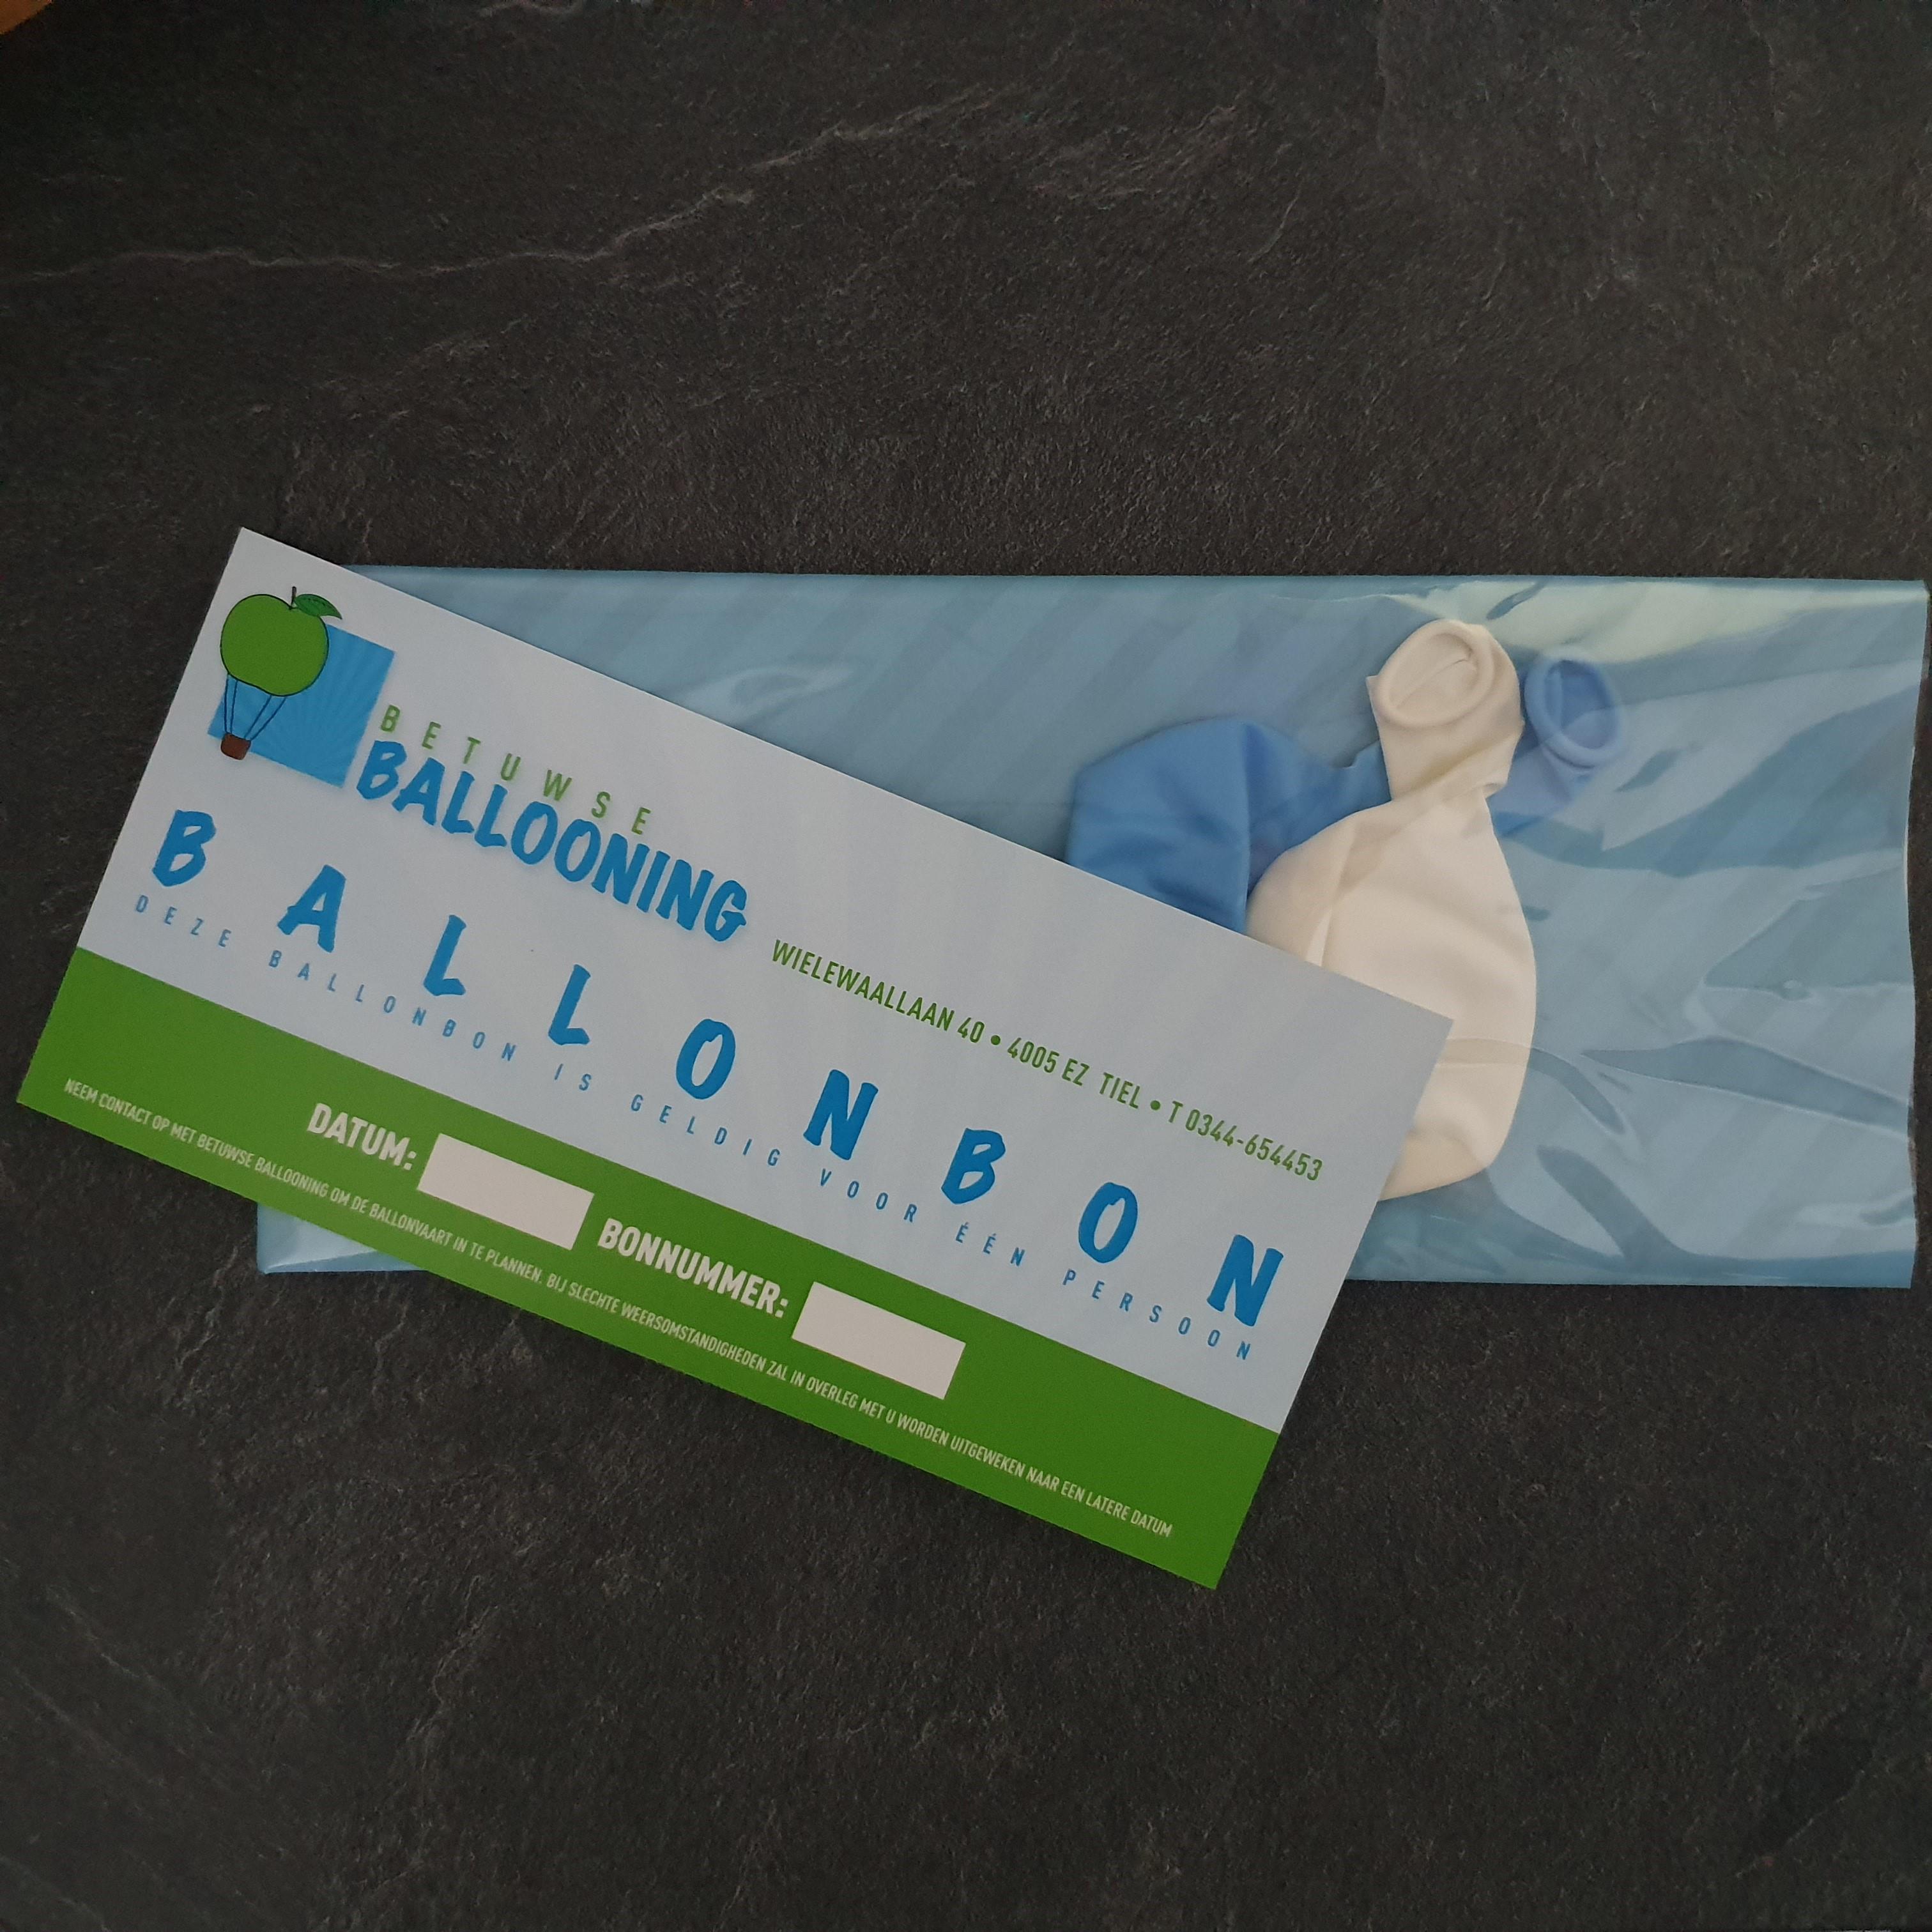 Ballonbon van betuwse ballooning